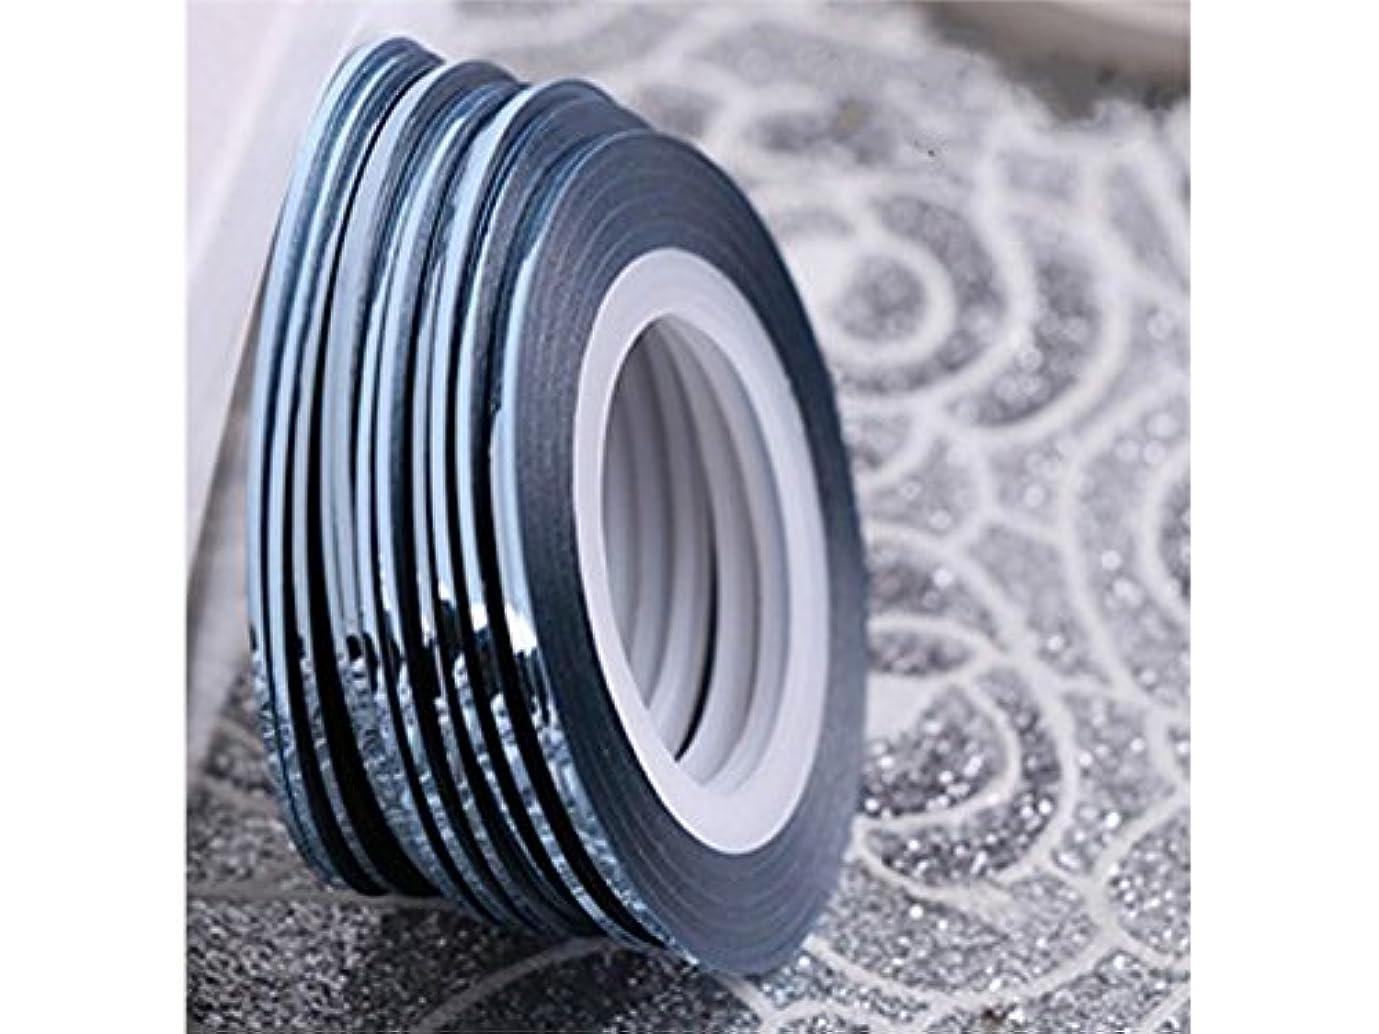 ストレッチフレッシュコンテストOsize ネイルアートキラキラゴールドシルバーストリップラインリボンストライプ装飾ツールネイルステッカーストライピングテープラインネイルアートデコレーション(ライトブルー)